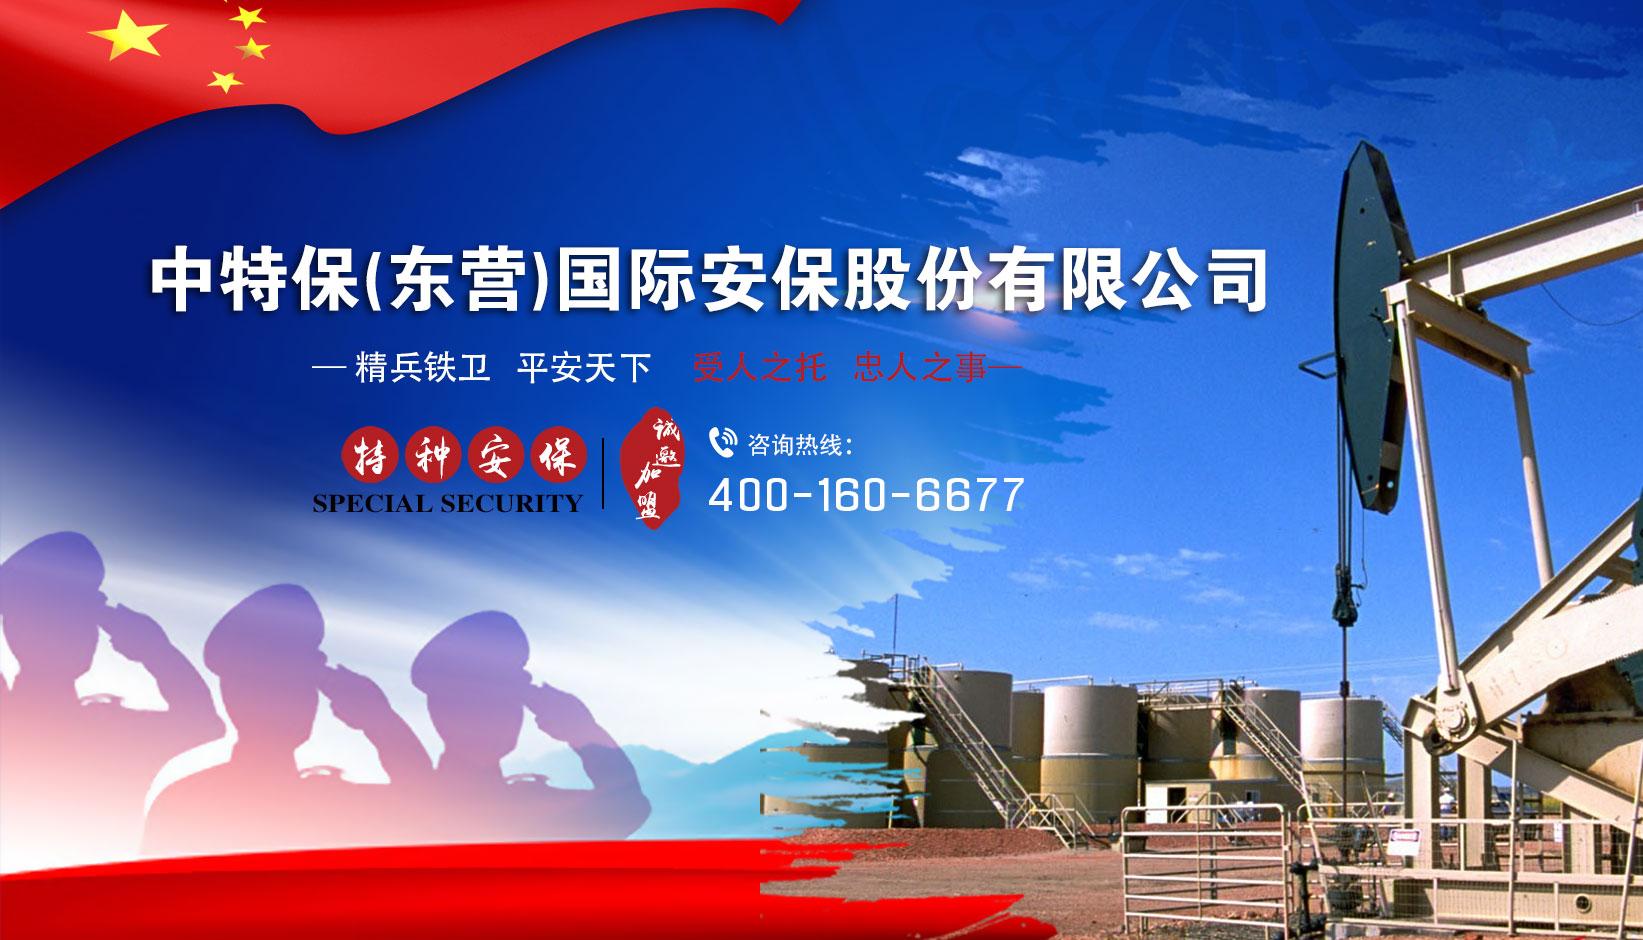 http://www.dyzhongtebao.com/infomation